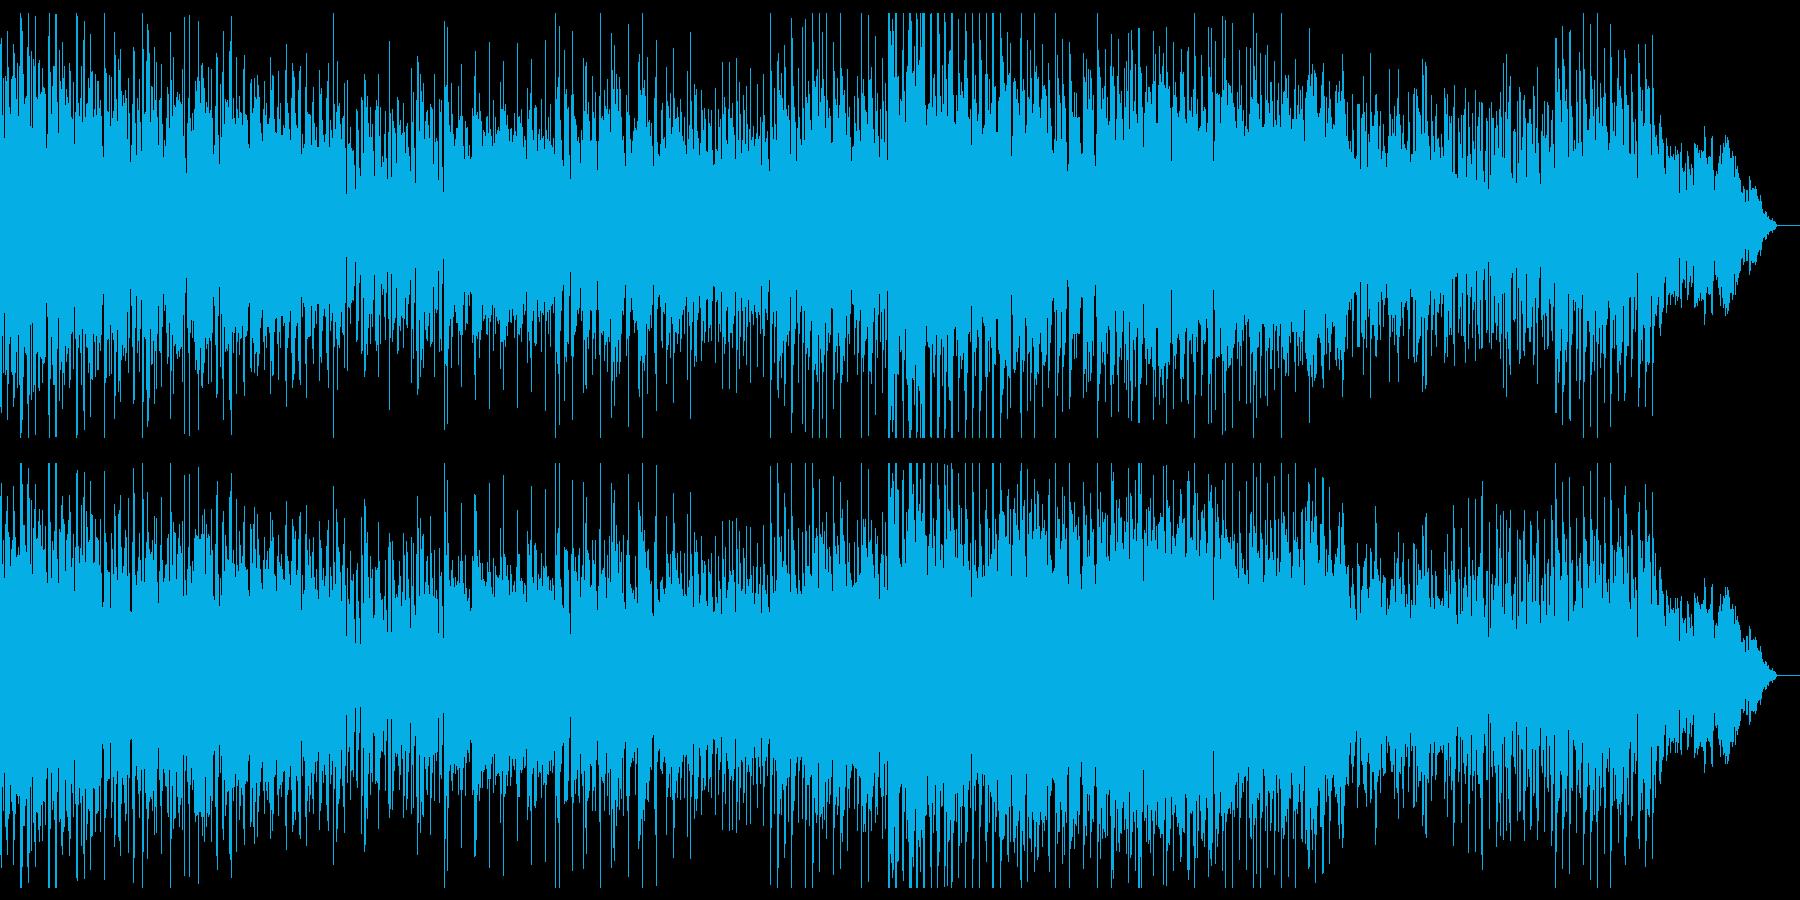 ダークで陰鬱なミニマルテクノの再生済みの波形